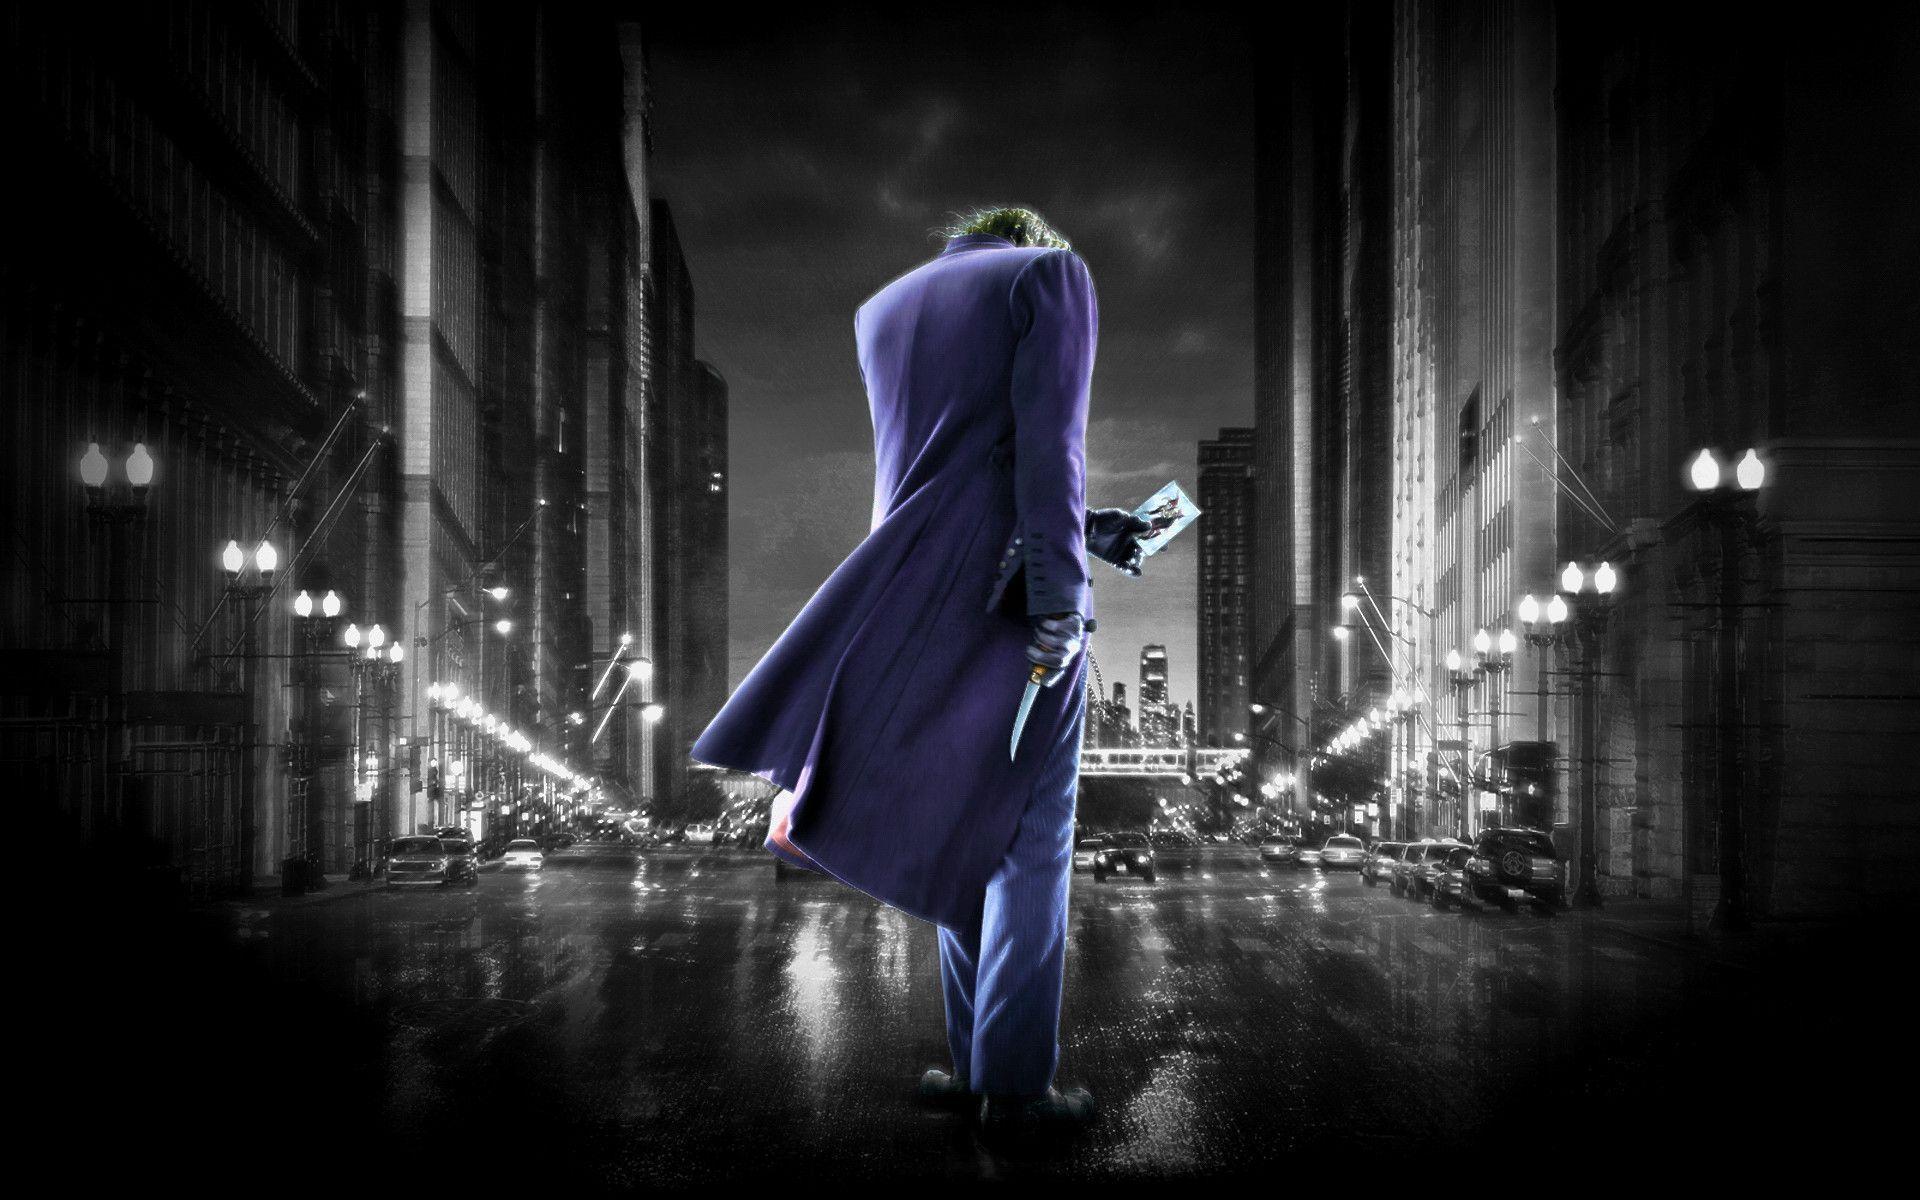 Amazing Wallpaper Macbook Joker - 5plhFkU  Pictures_143393.jpg